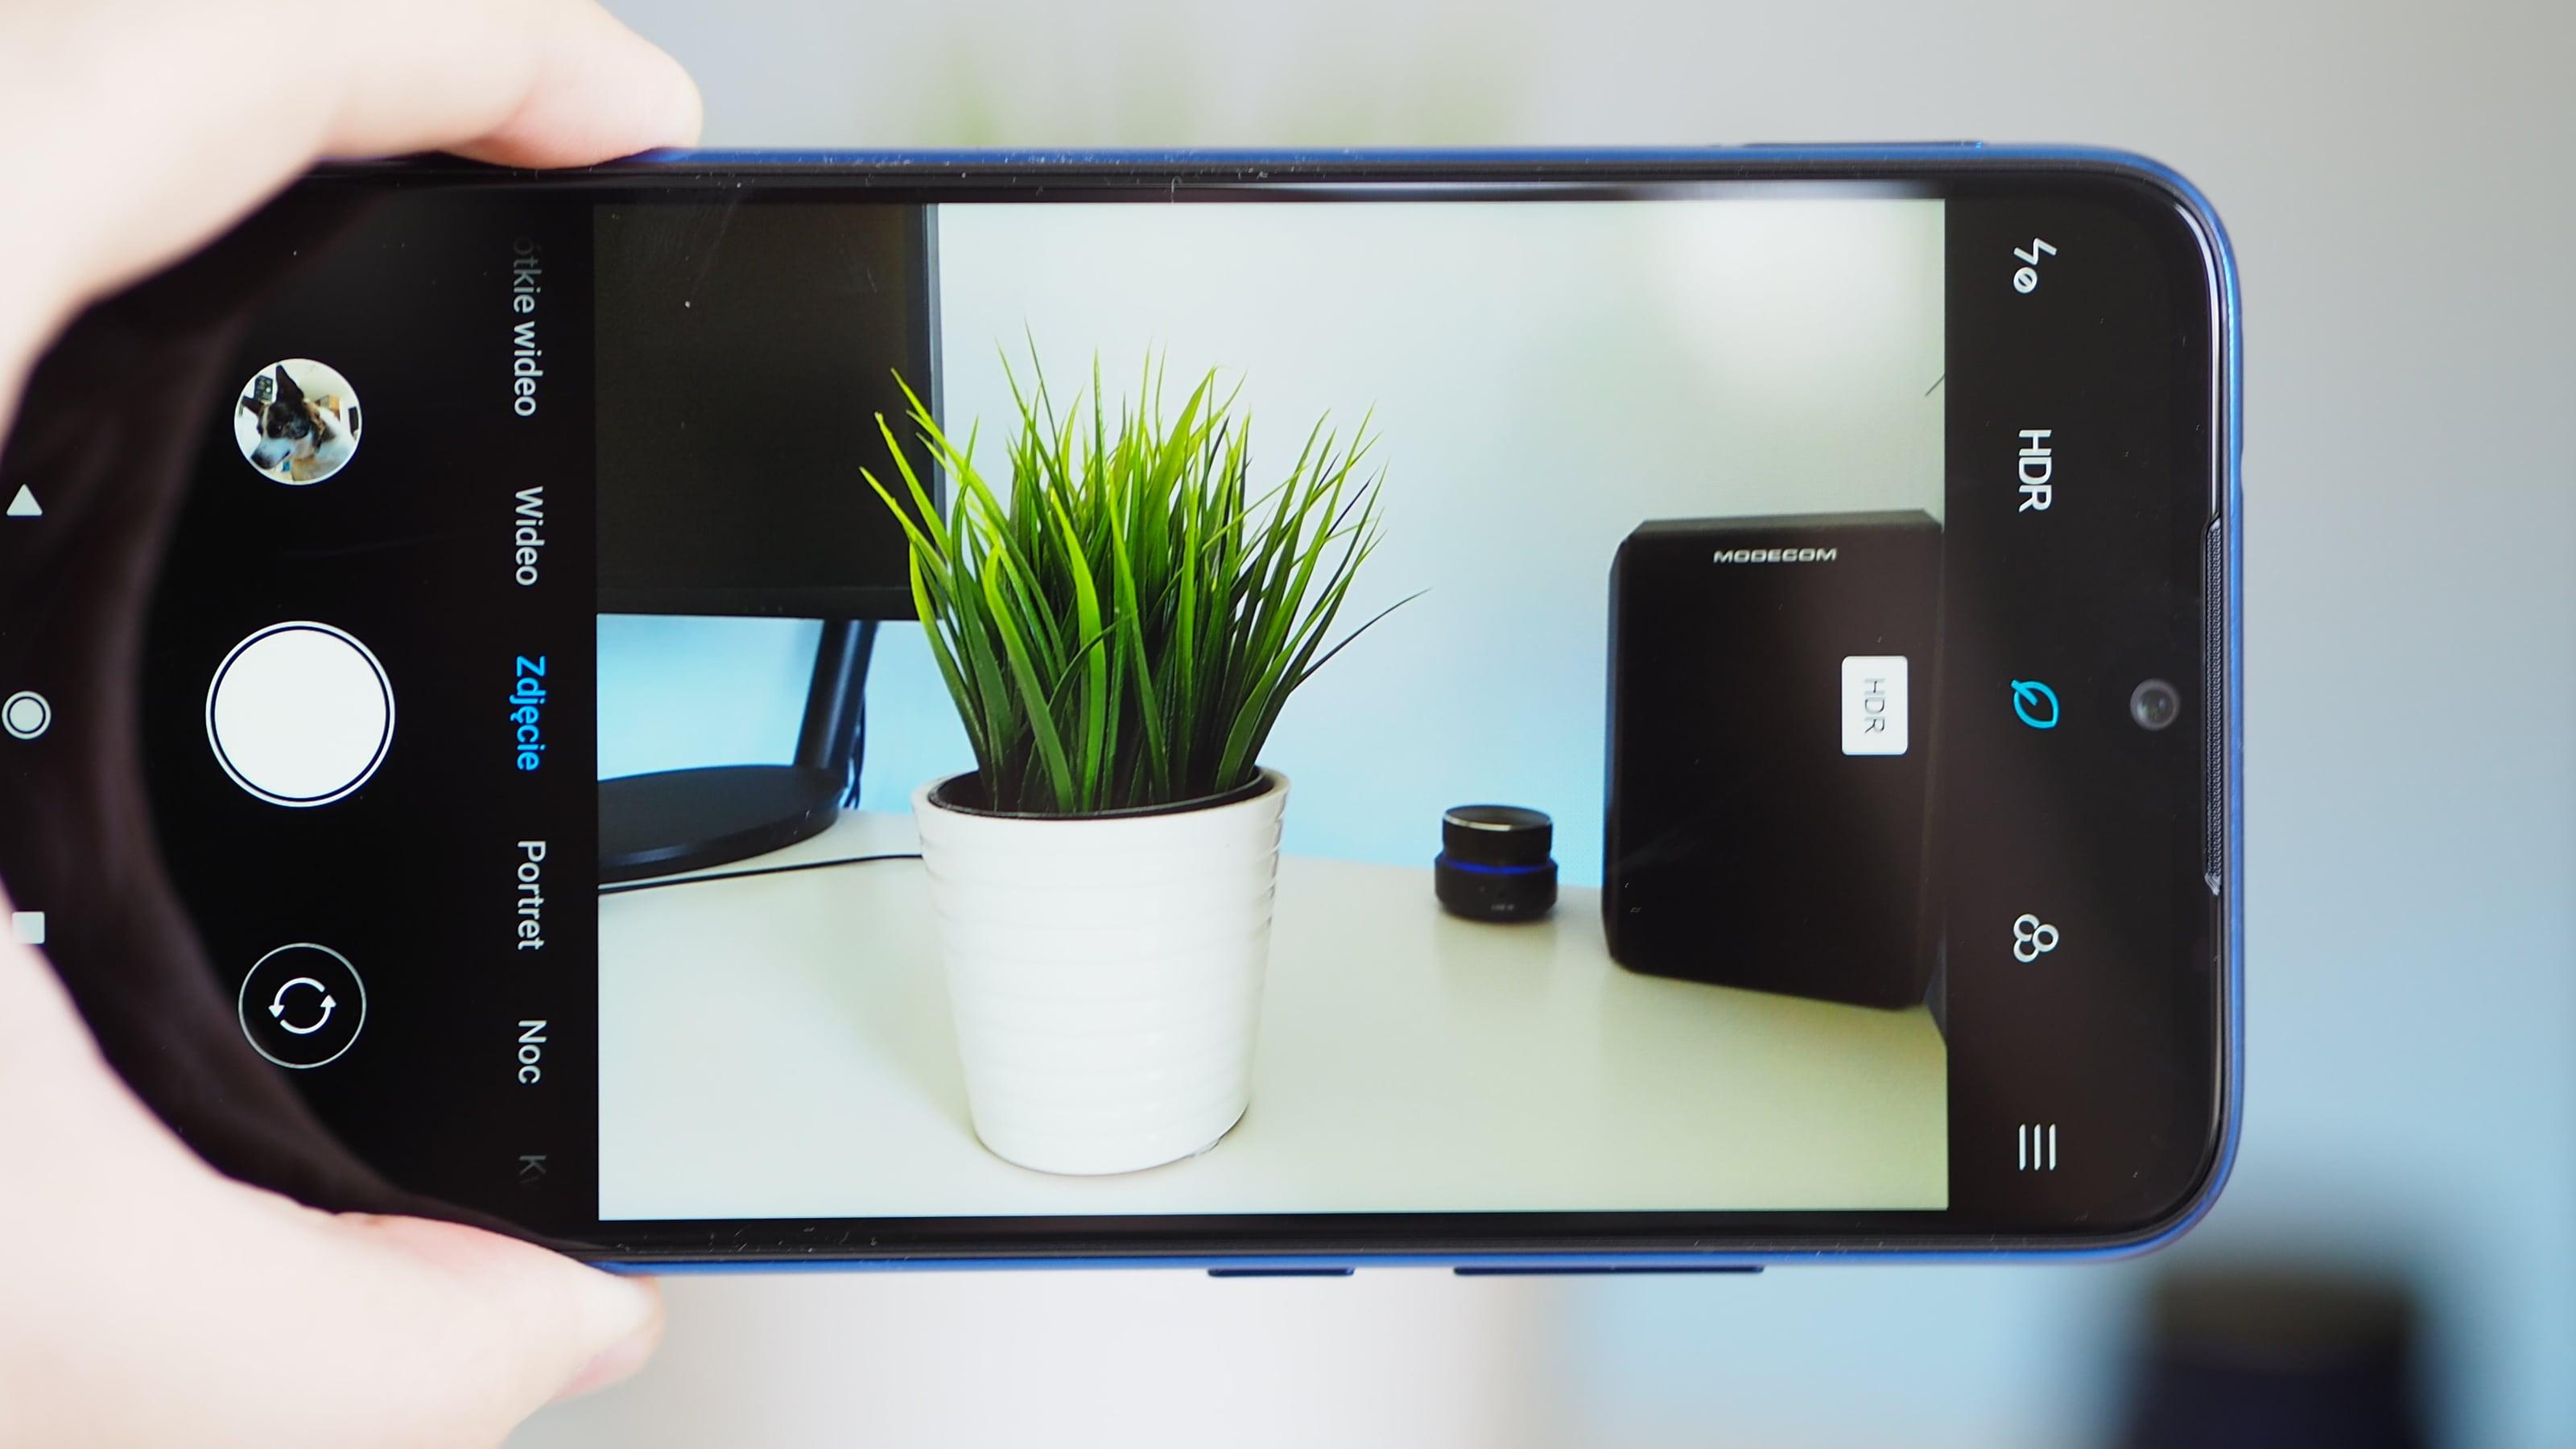 Jaki jest Xiaomi Redmi Note 7? Pierwsze wrażenia